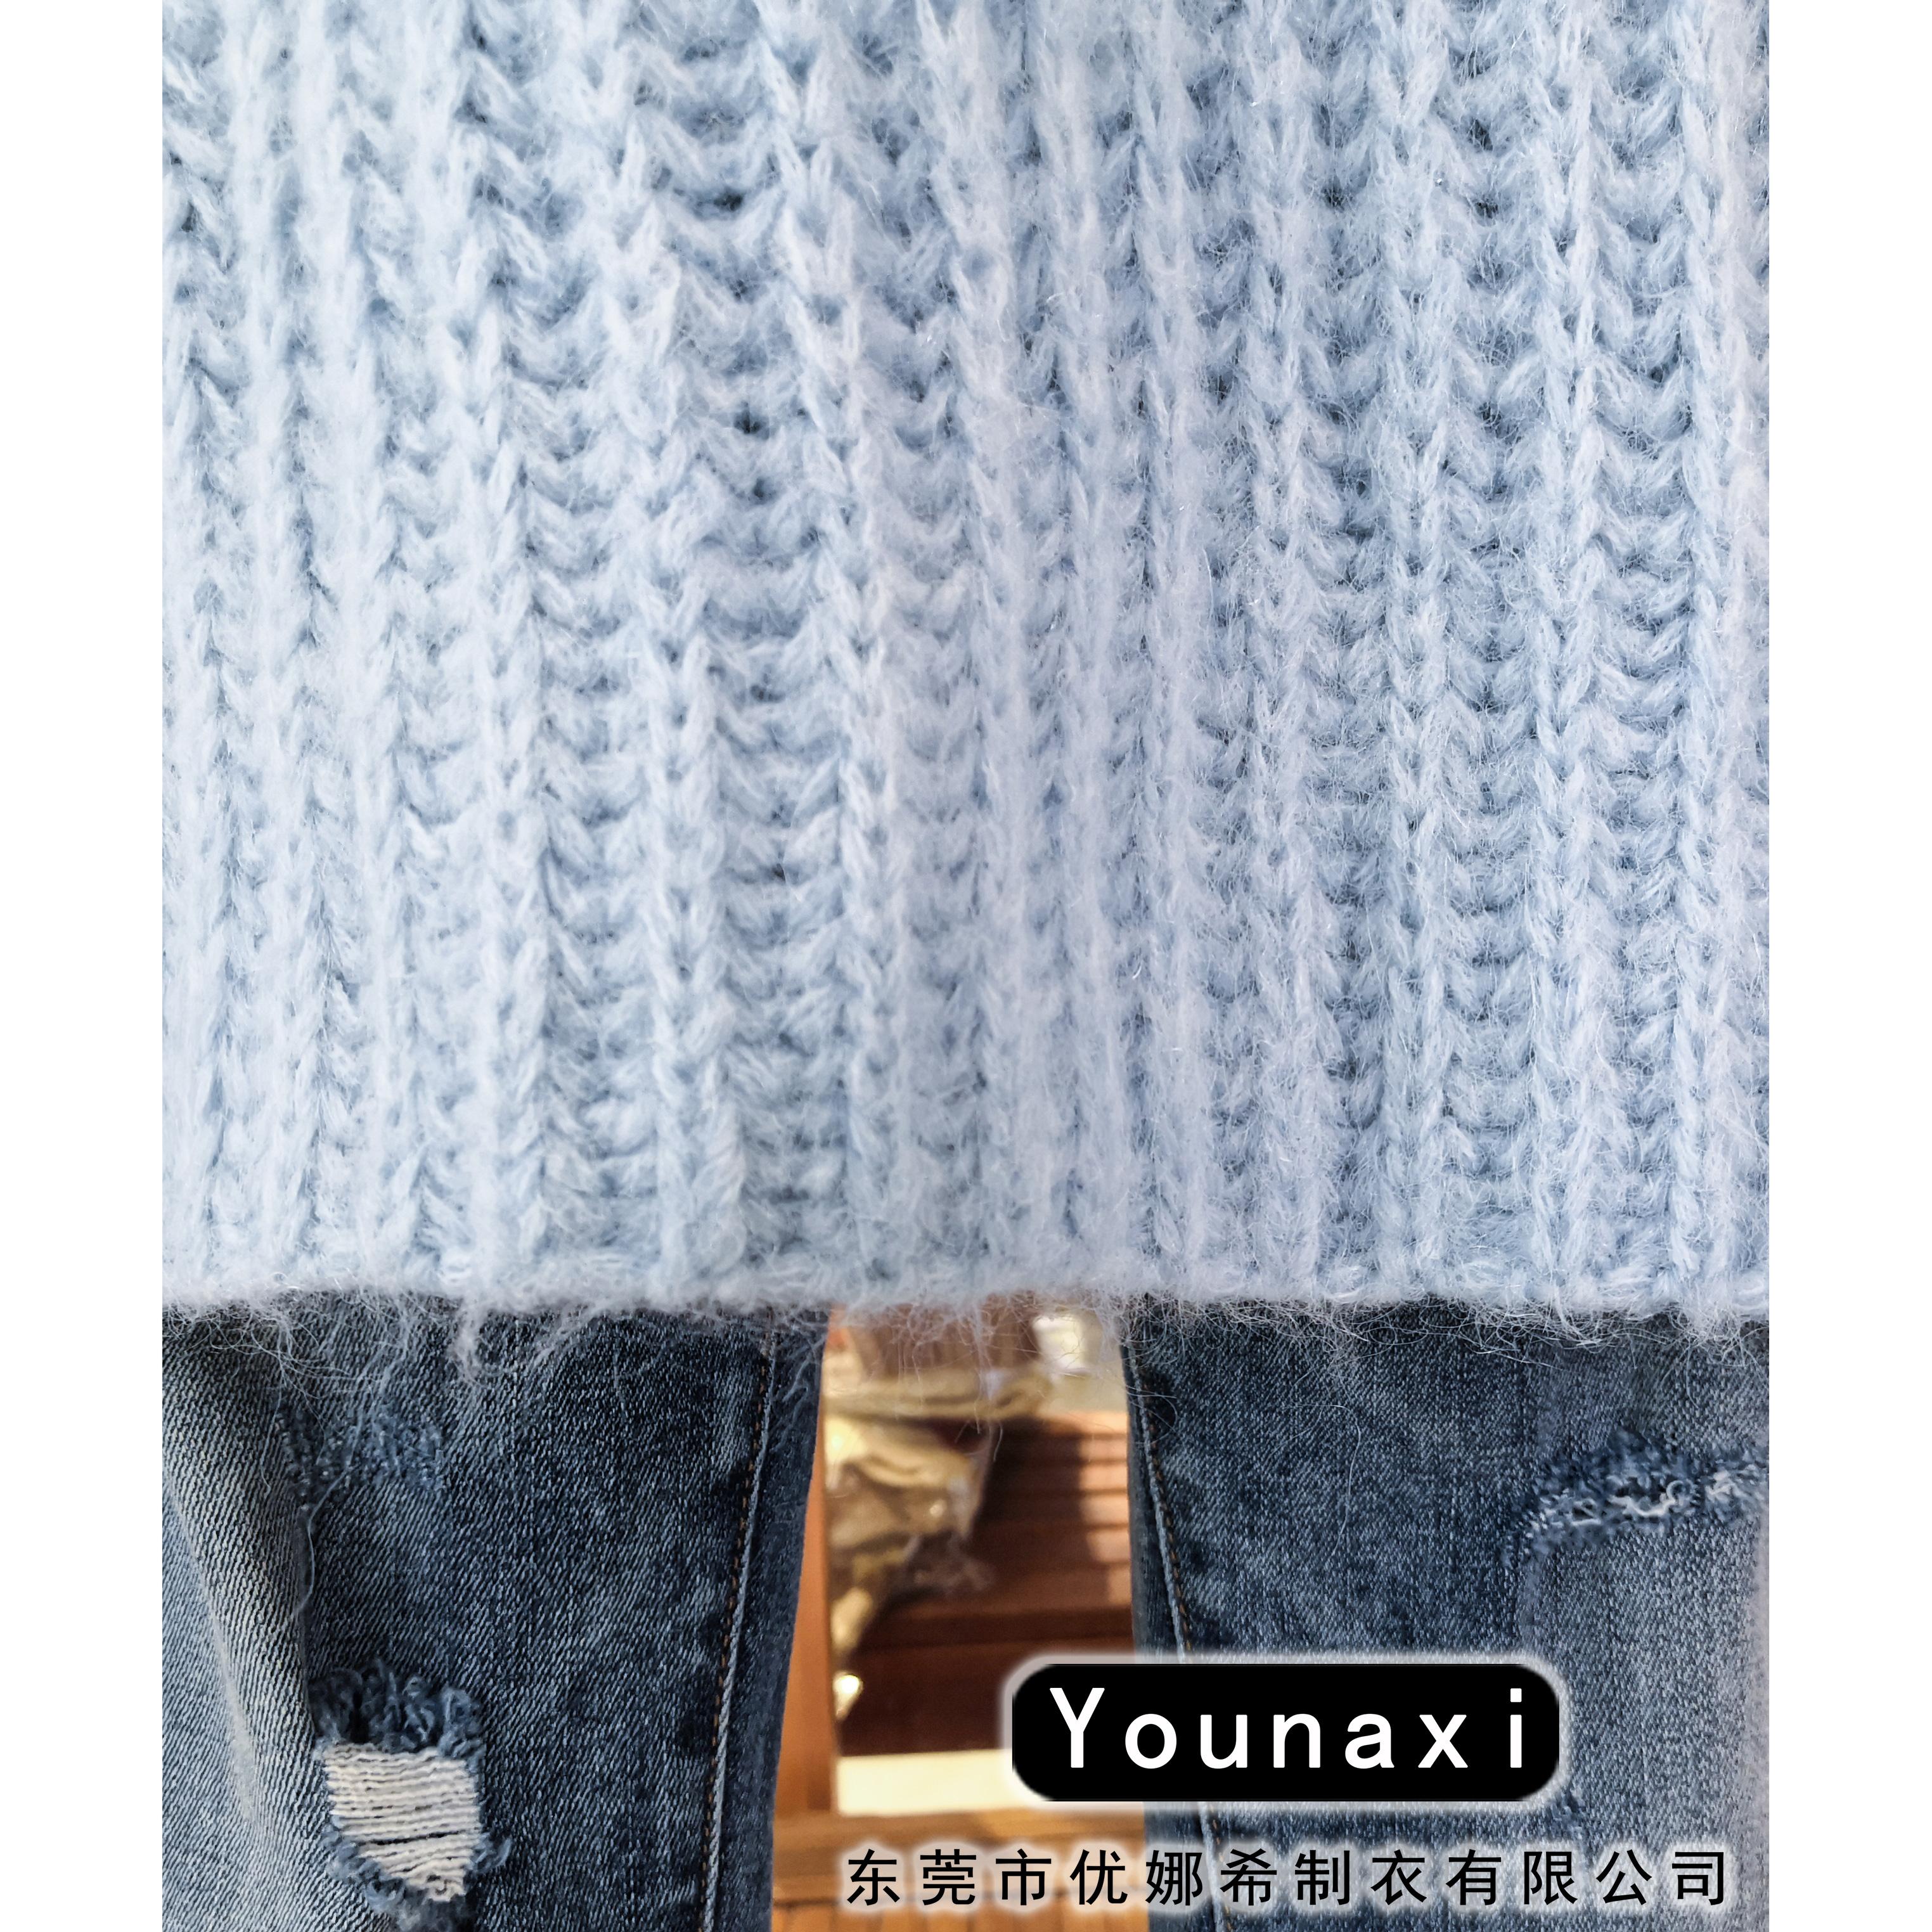 Пуловер для женщин, вязаная одежда, кашемировый свитер на заказ, водолазка, свитер, Новая модная женская Повседневная Мягкая кофта с длинным рукавом